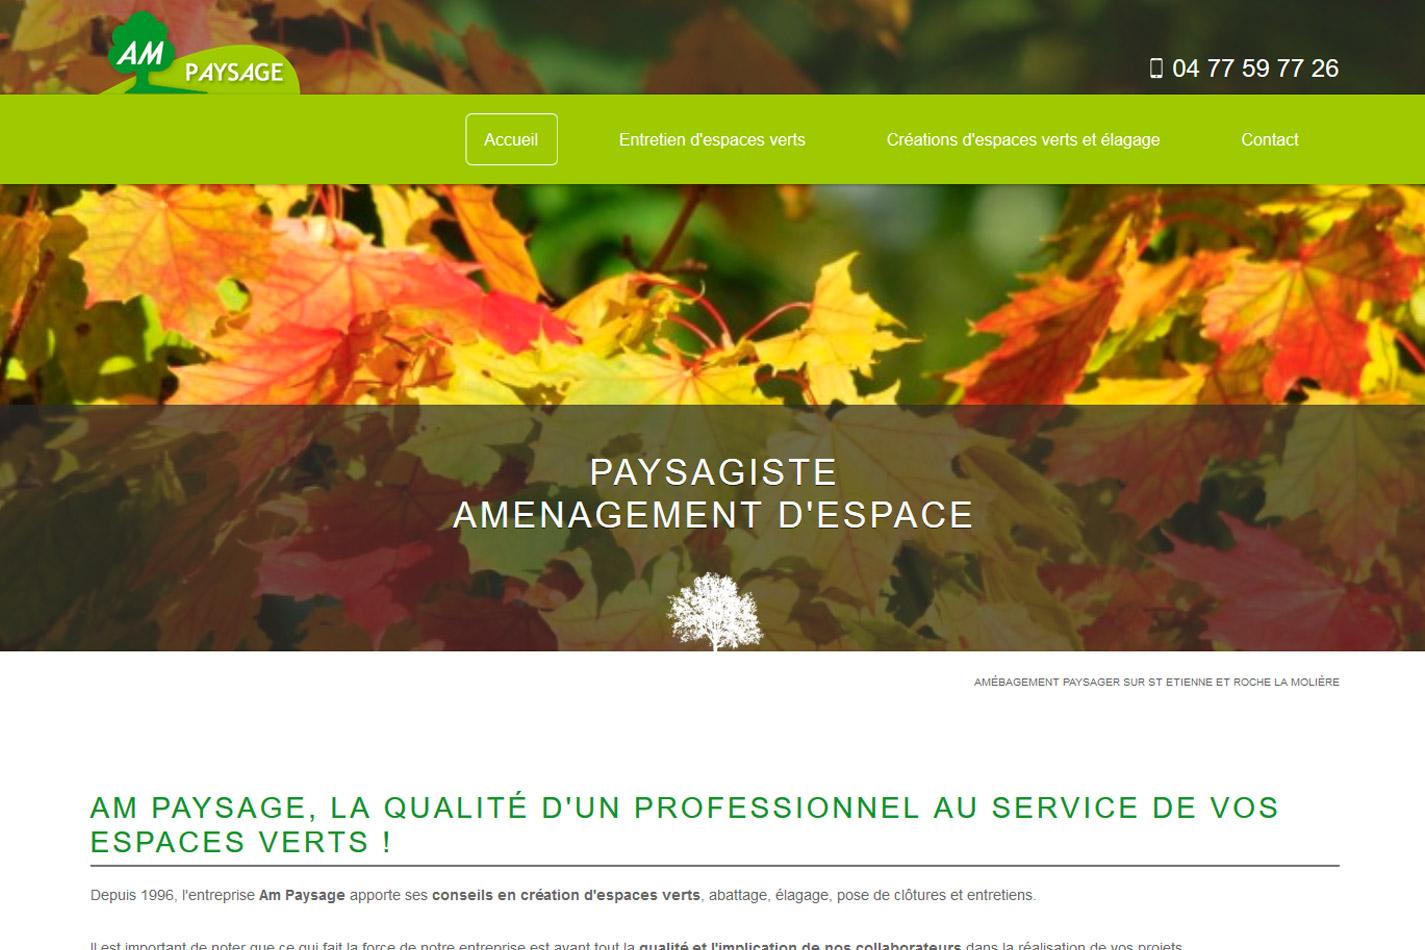 Paysagiste Saint-Etienne